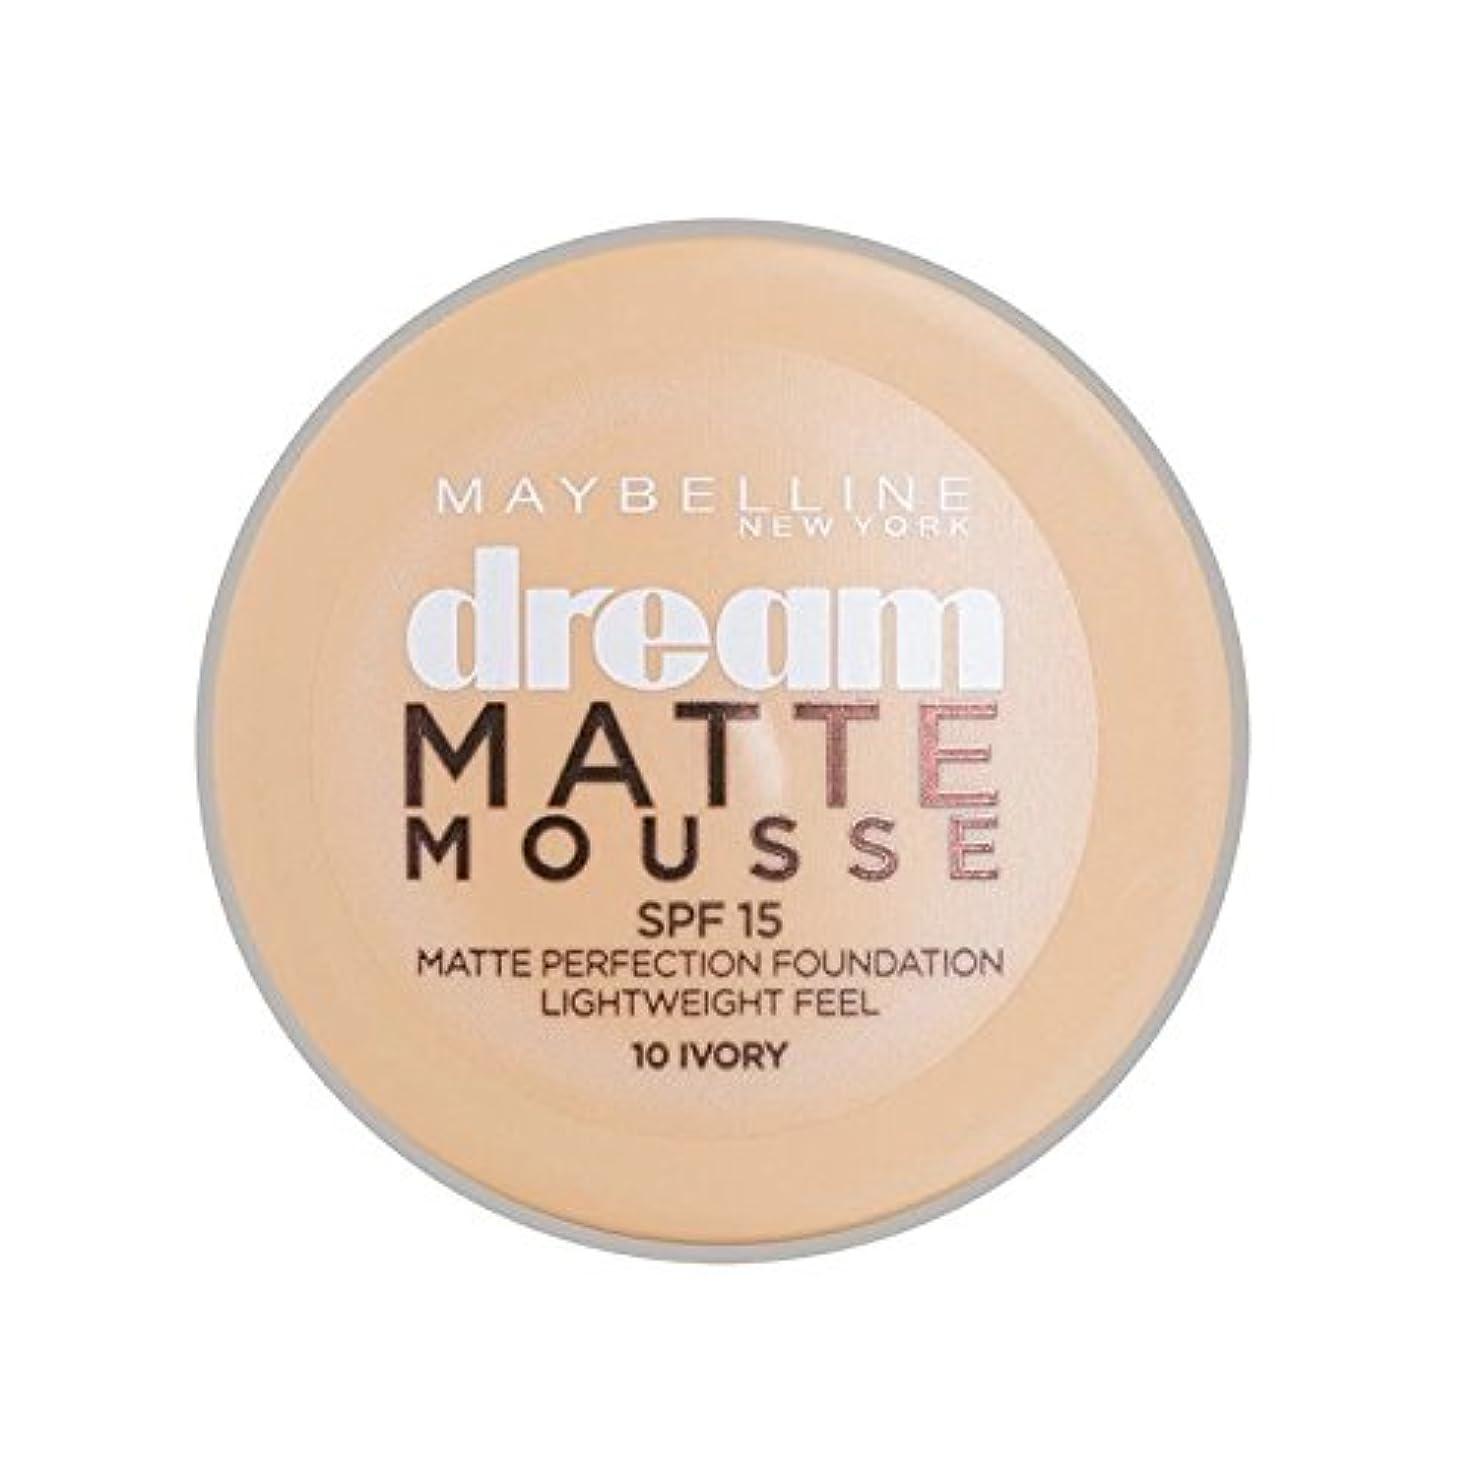 誠意アデレード概要メイベリン夢マットムース土台10アイボリー10ミリリットル x2 - Maybelline Dream Matte Mousse Foundation 10 Ivory 10ml (Pack of 2) [並行輸入品]